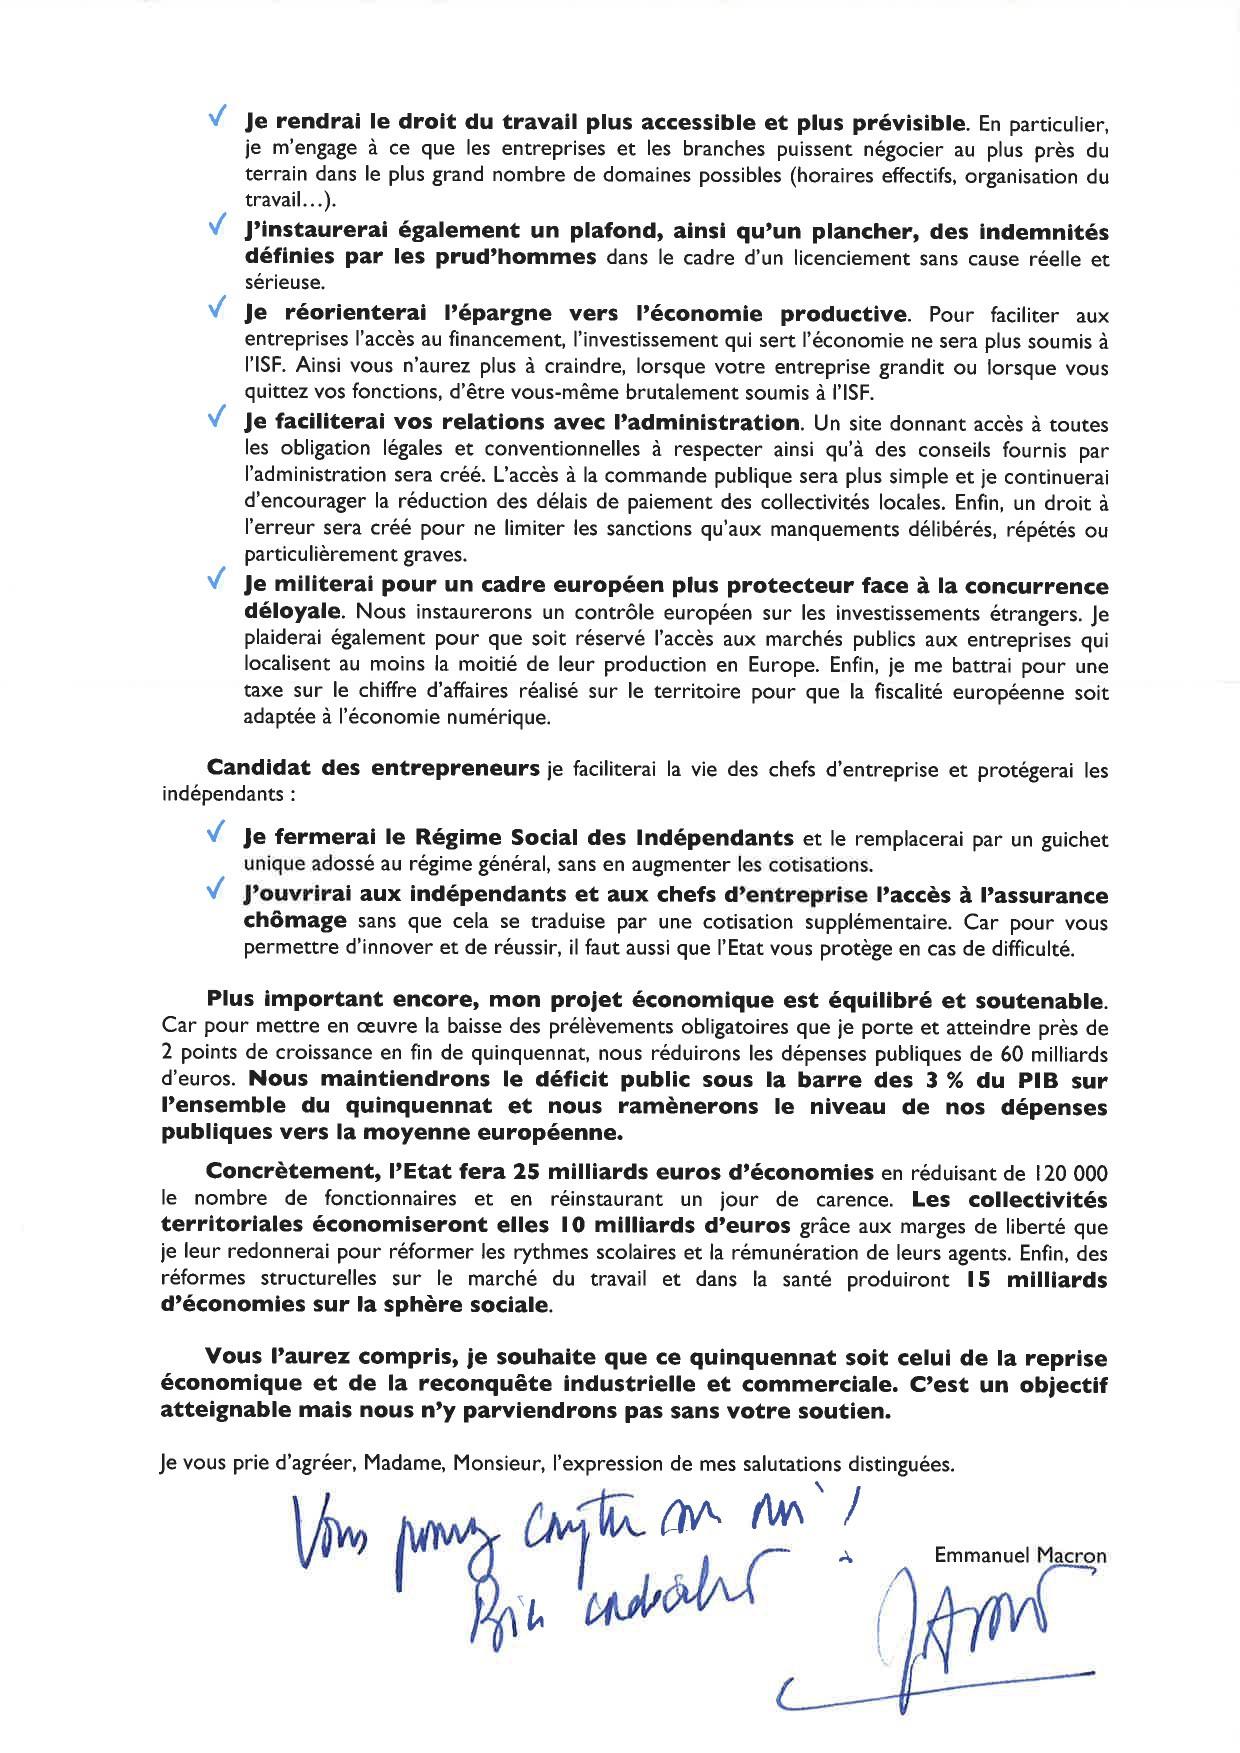 lettre-ouverte-tpe-pme-2